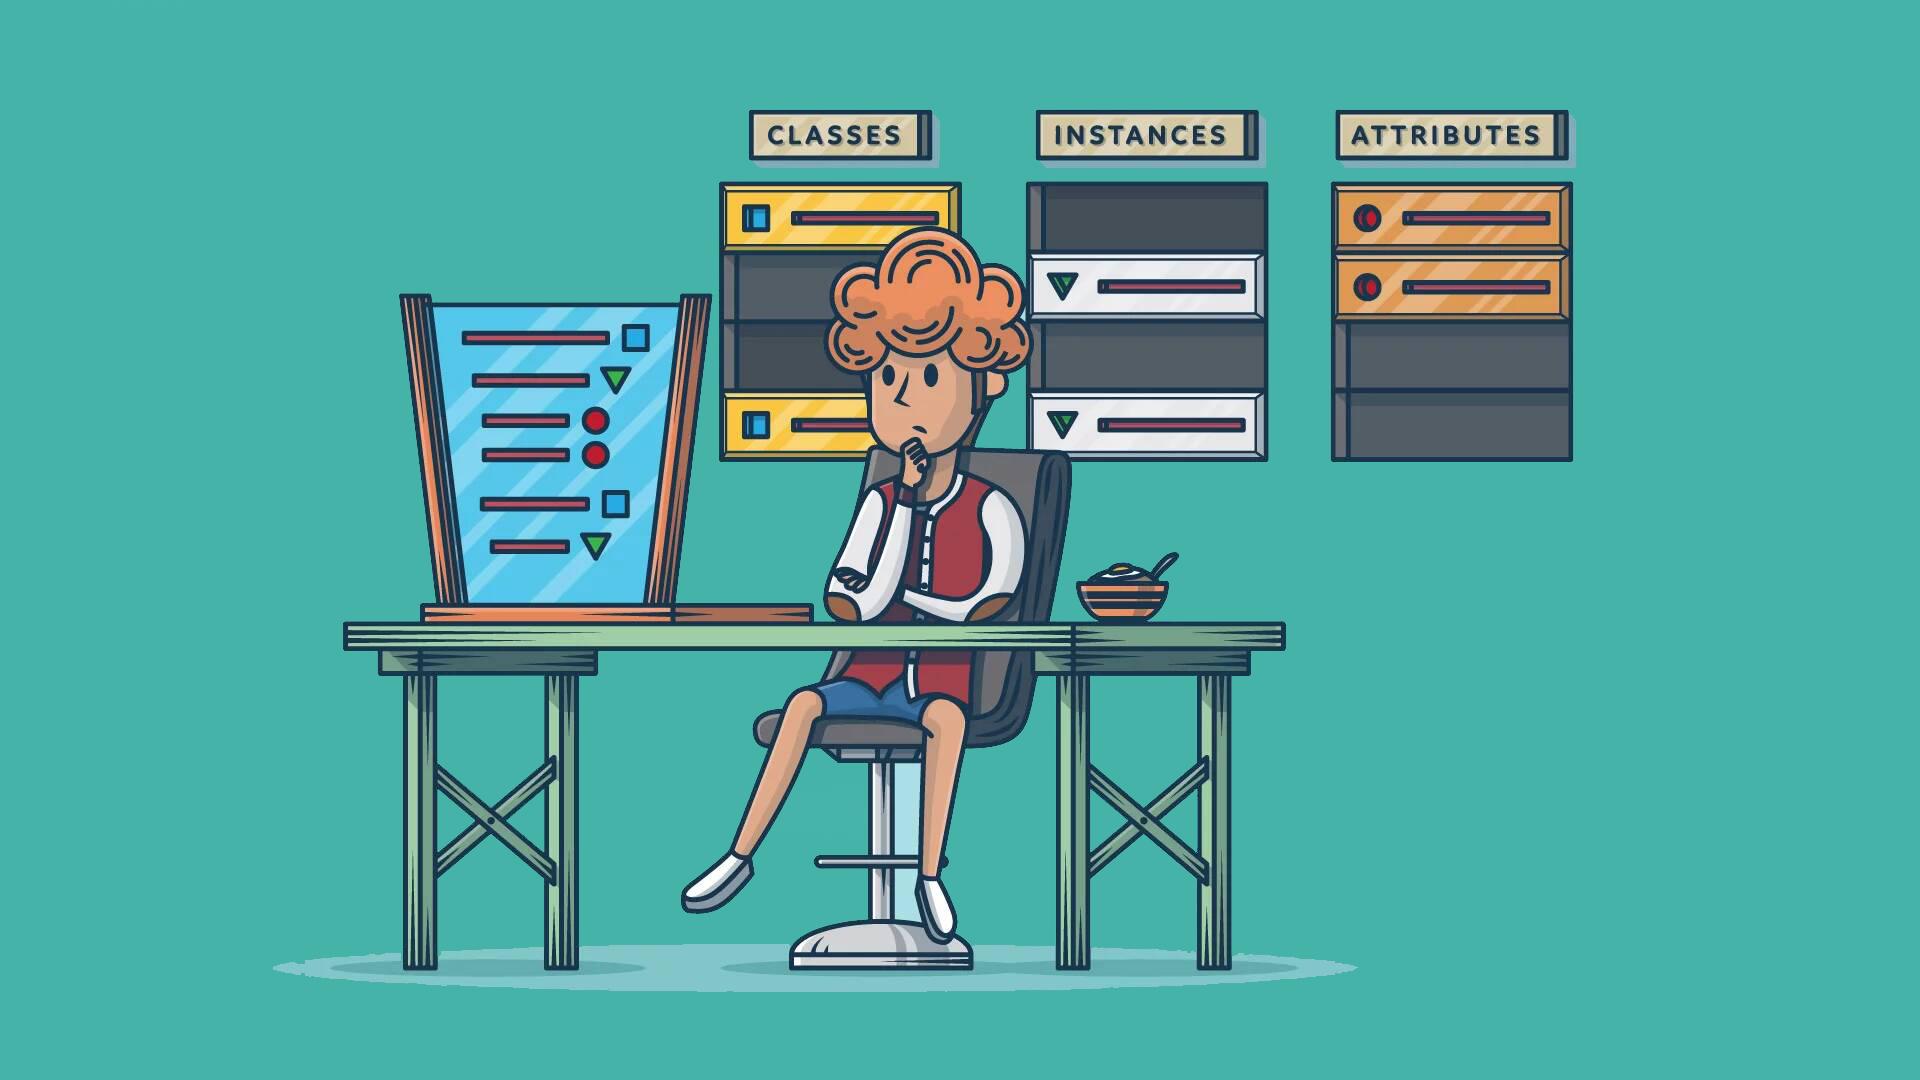 5 مسئله برنامهنویسی که باید زیر یک ساعت حل کنید!